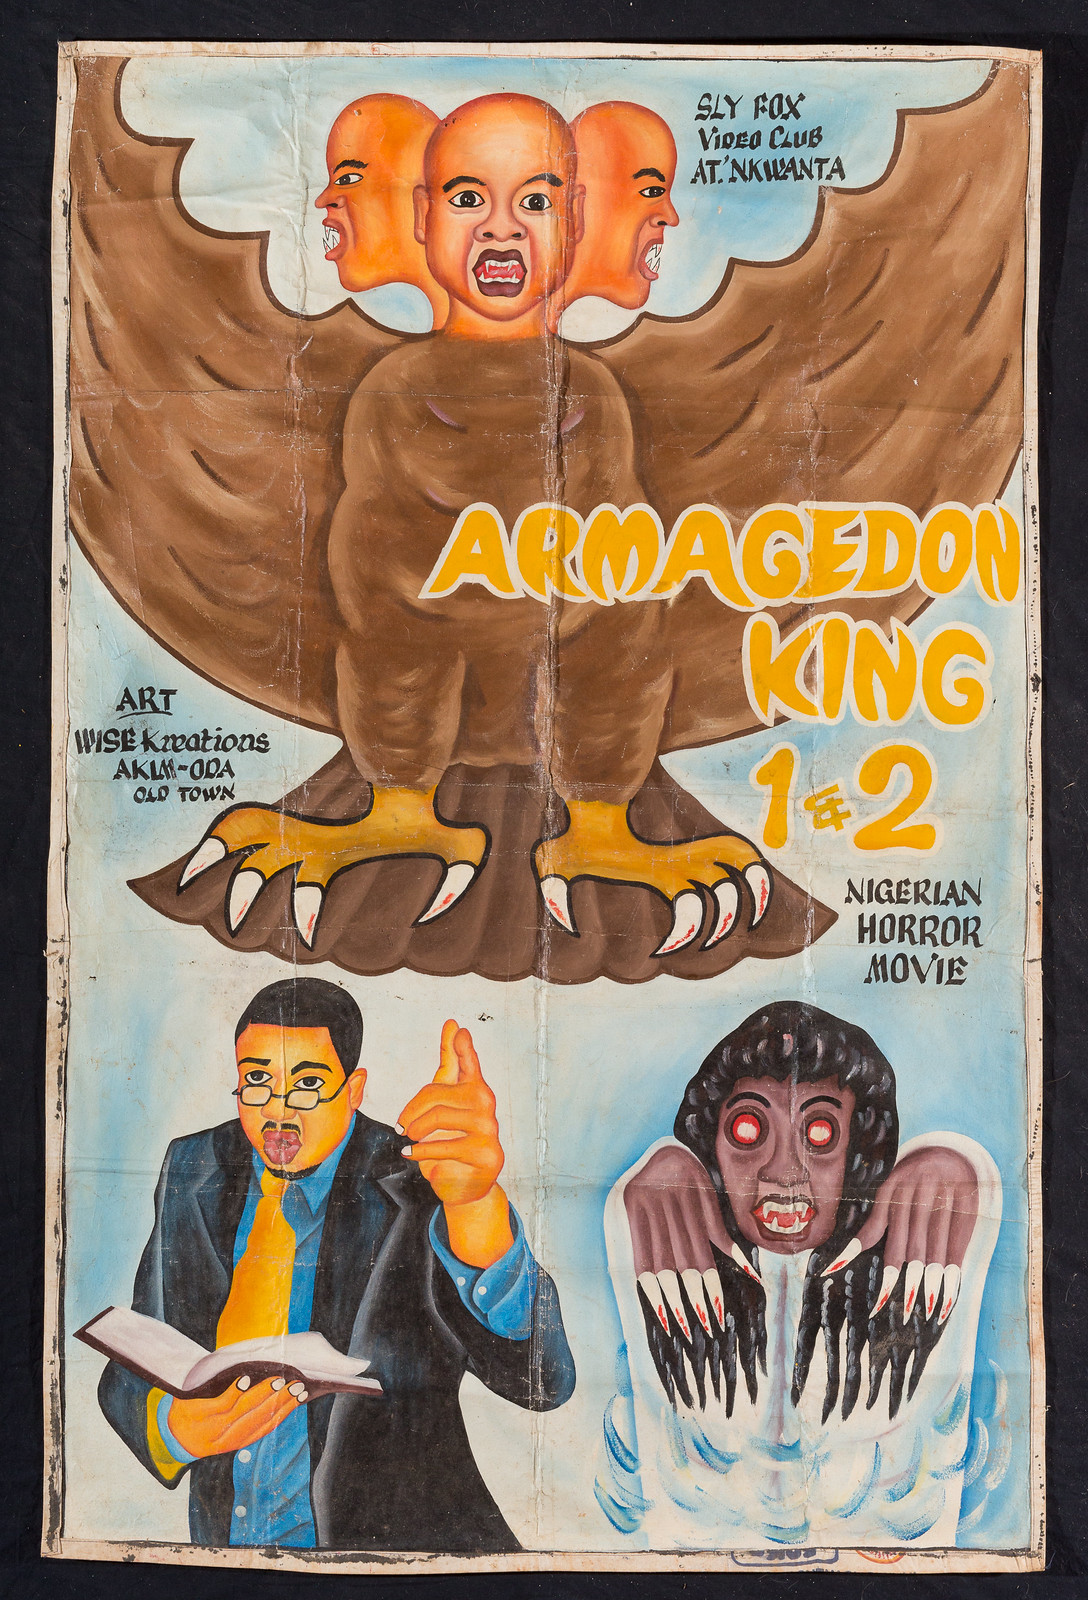 Armagedon King 1 & 2